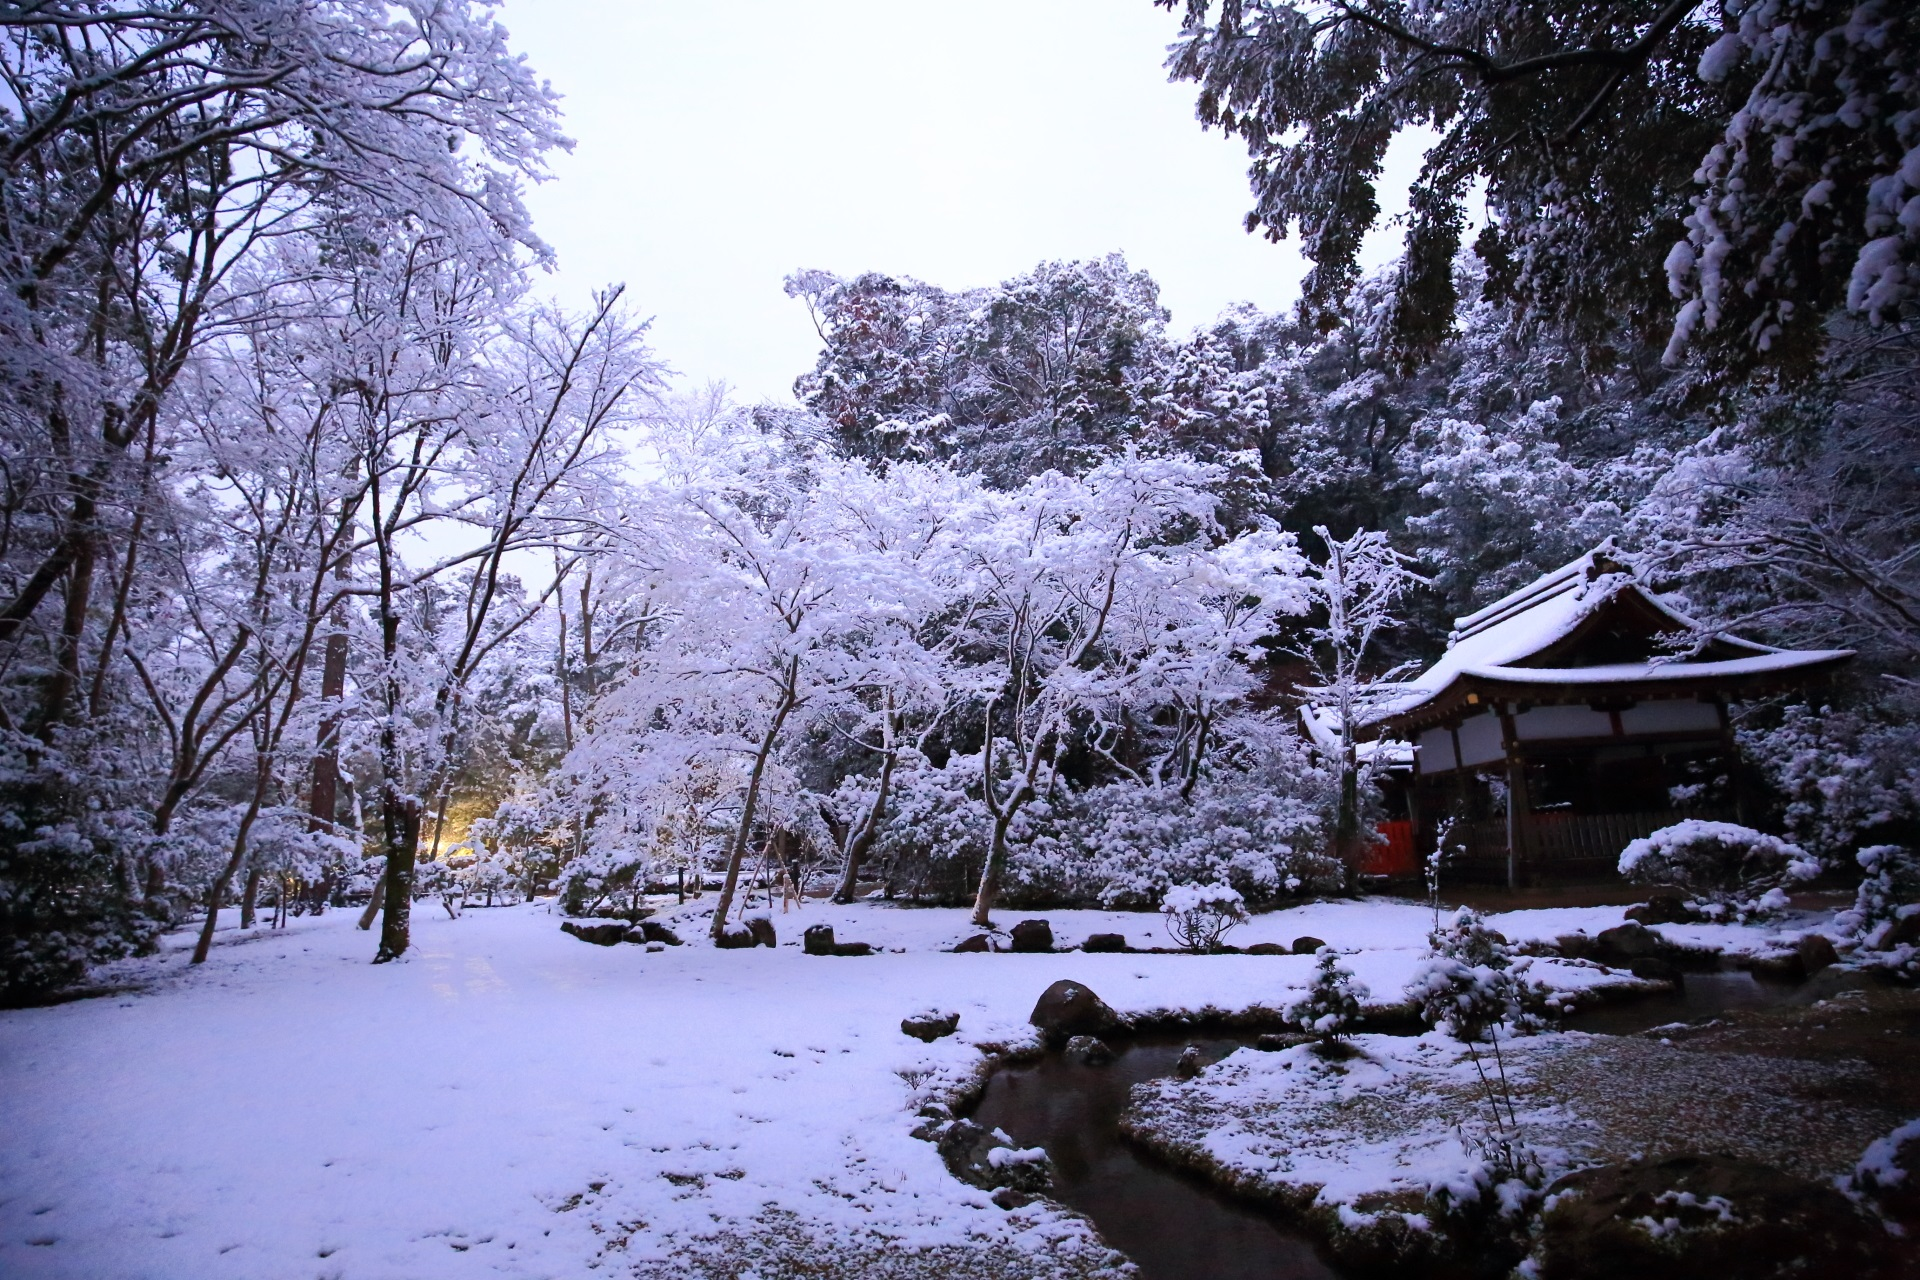 上賀茂神社内にある庭園の渉淳園の雪景色